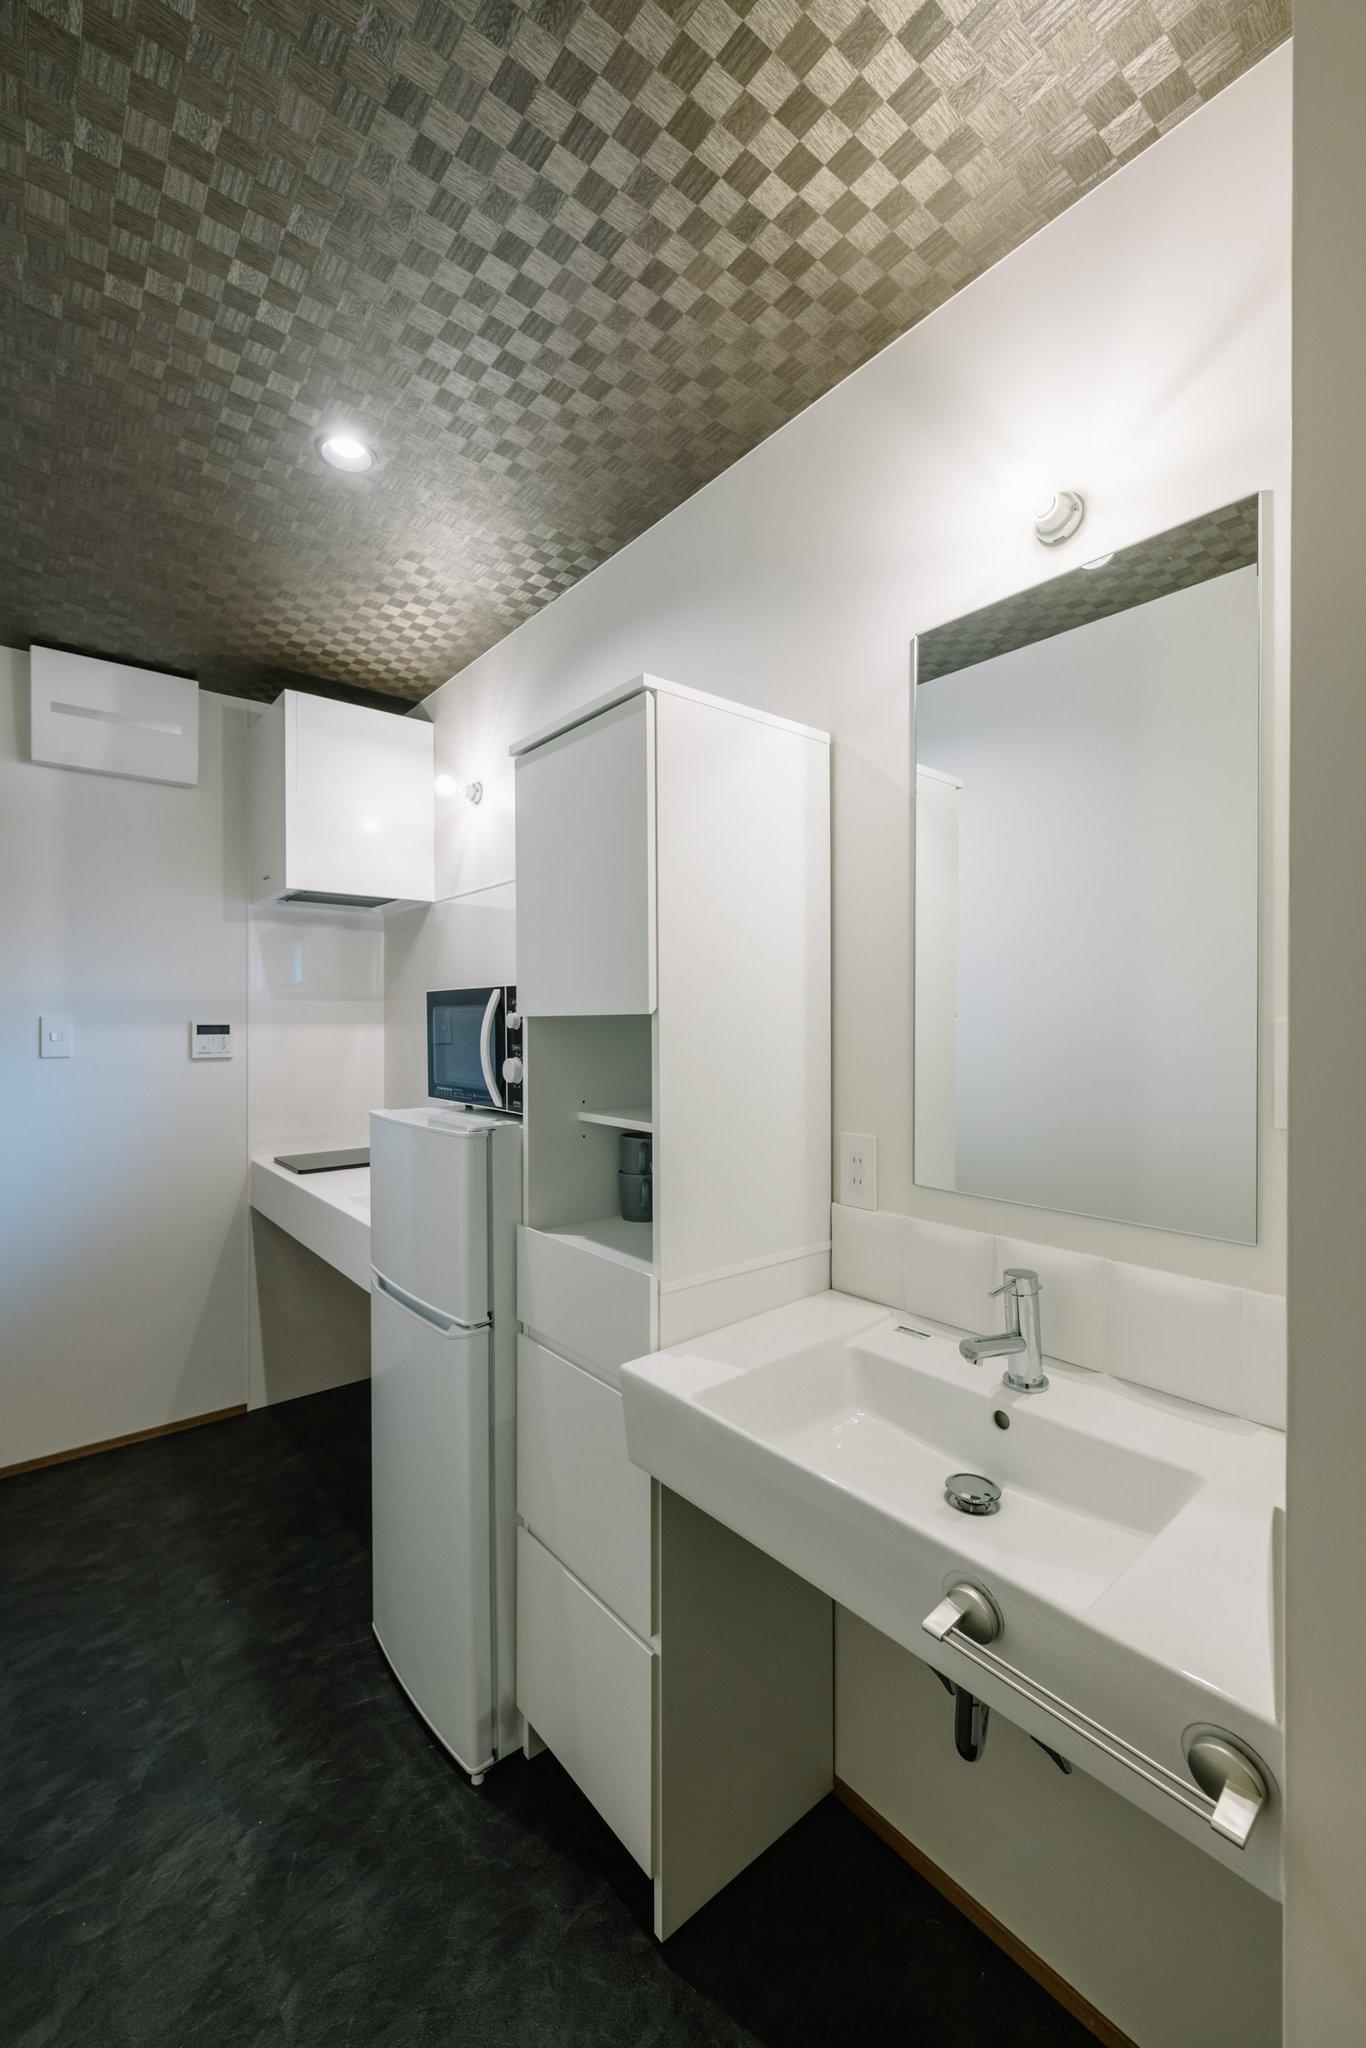 洗面所は2箇所あります。